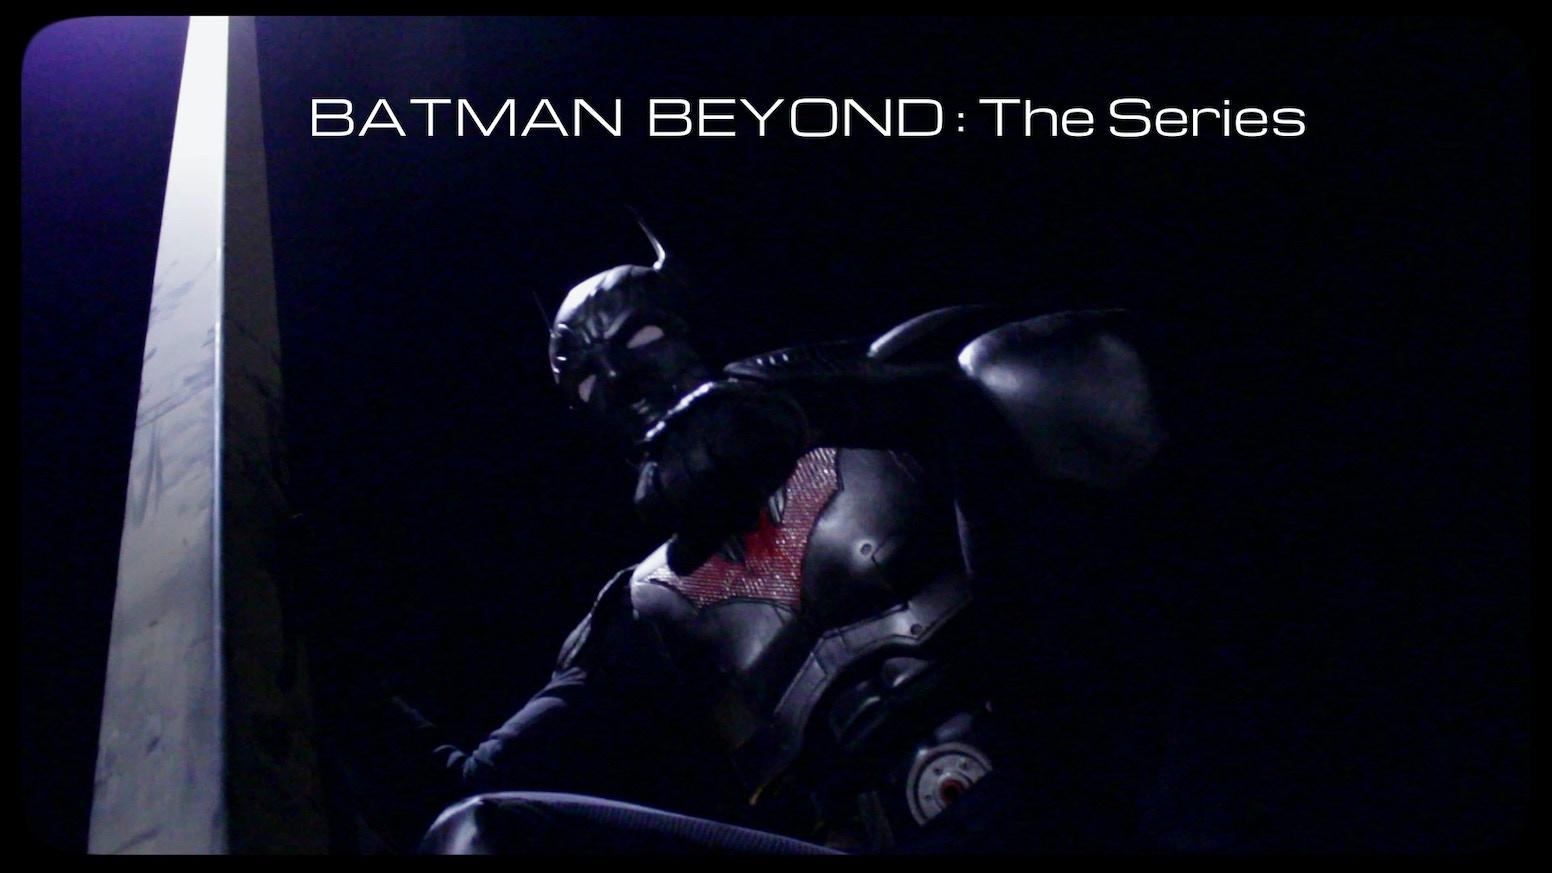 BATMAN BEYOND: The Series [DVD pre-order] by Nathan Lyles